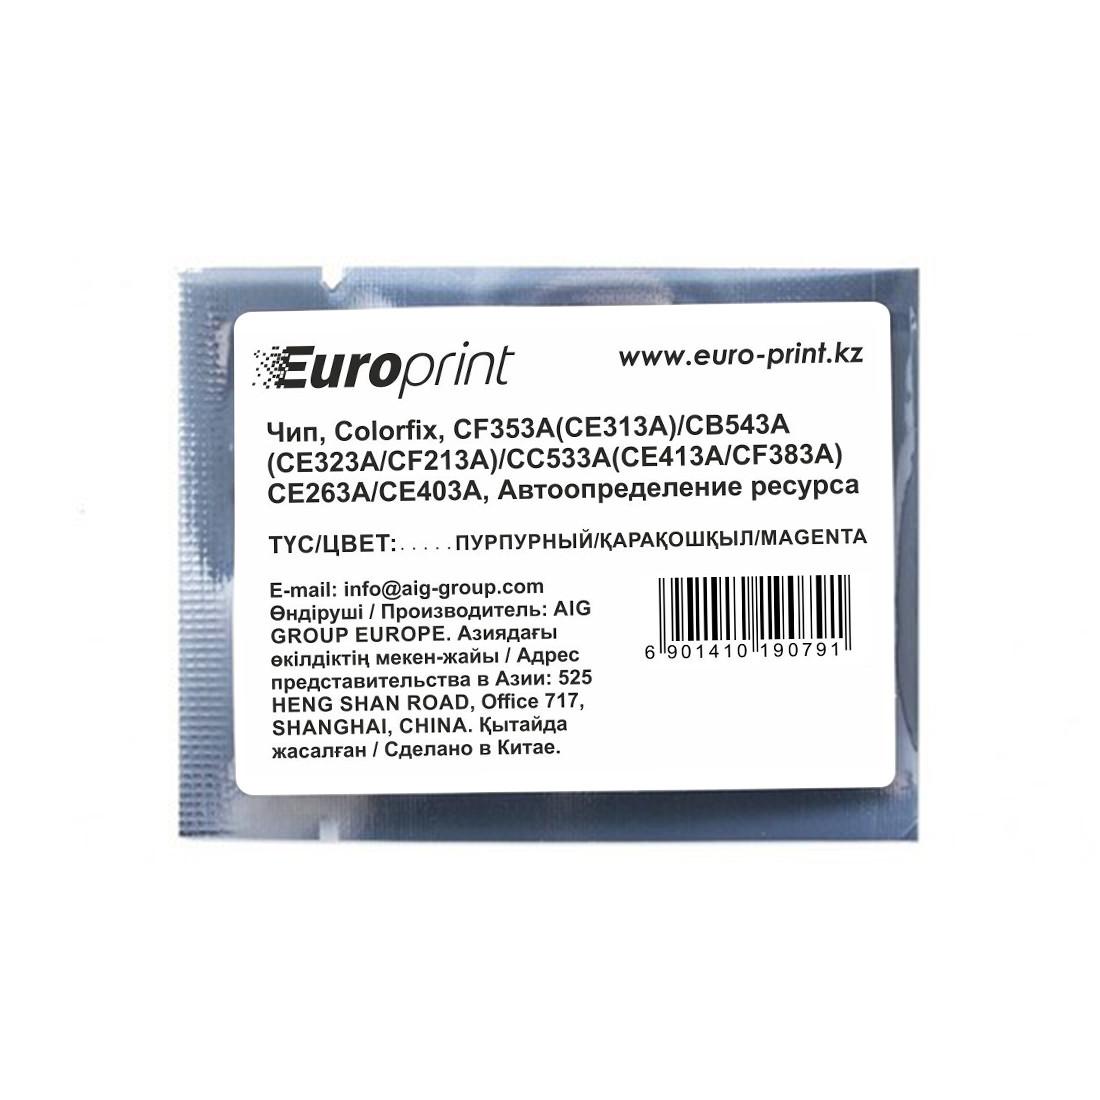 Чип Europrint HP CF353A(CE313A)/CB543A(CE323A/CF213A)/CC533A(CE413A/CF383A)/CE263A/CE403A